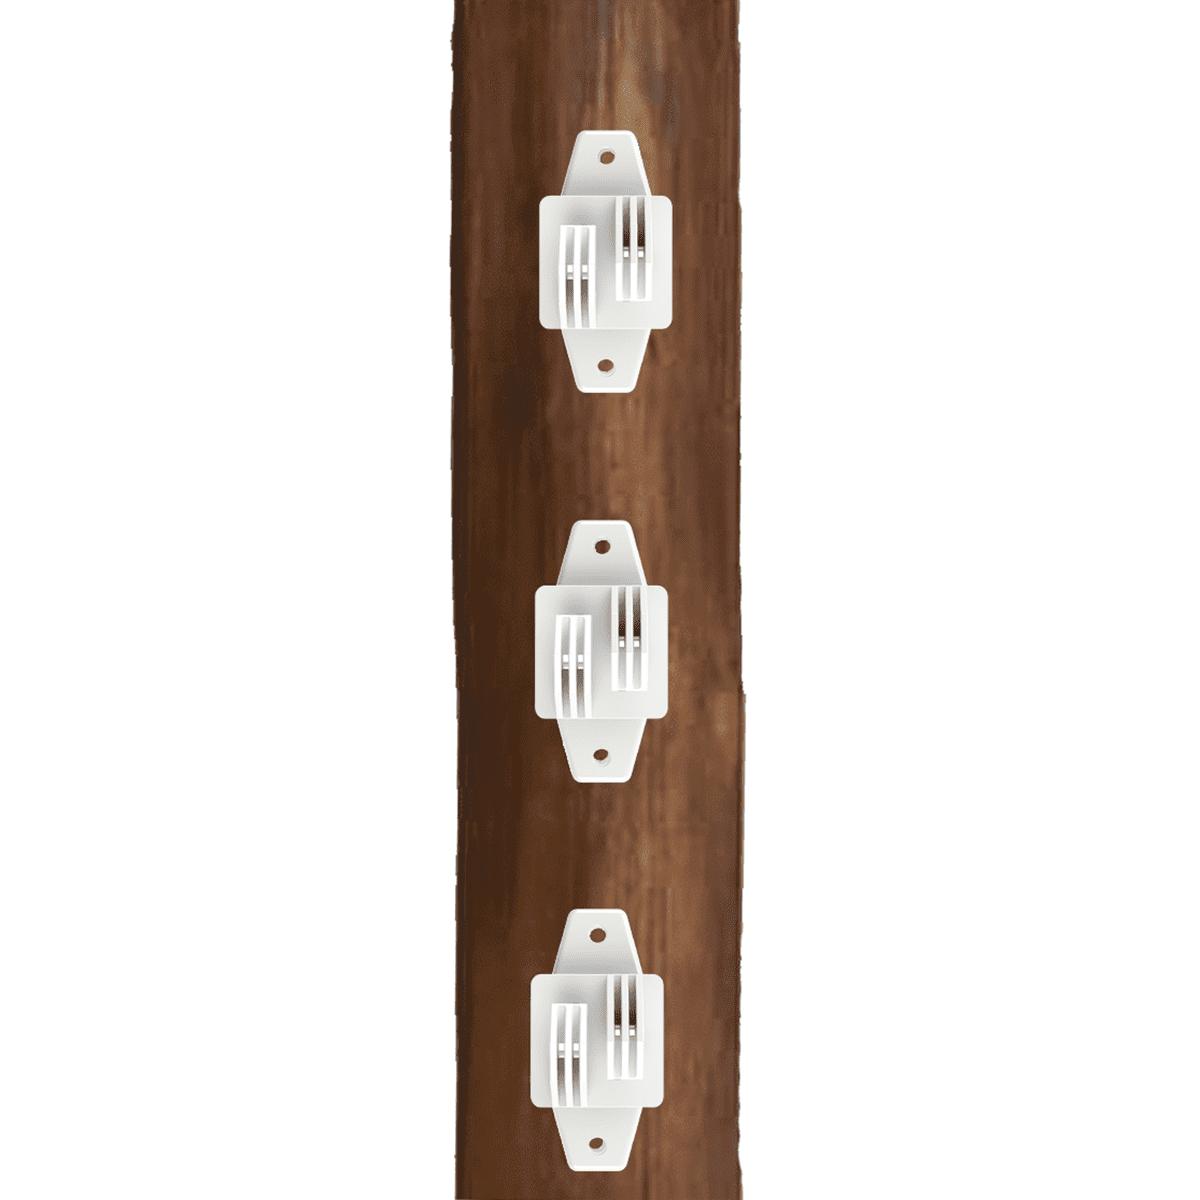 Isolador Tipo W Branco Cerca Elétrica Rural Residencial Industrial Pacote 250 Unidades  - Ambientude Agro e Pet